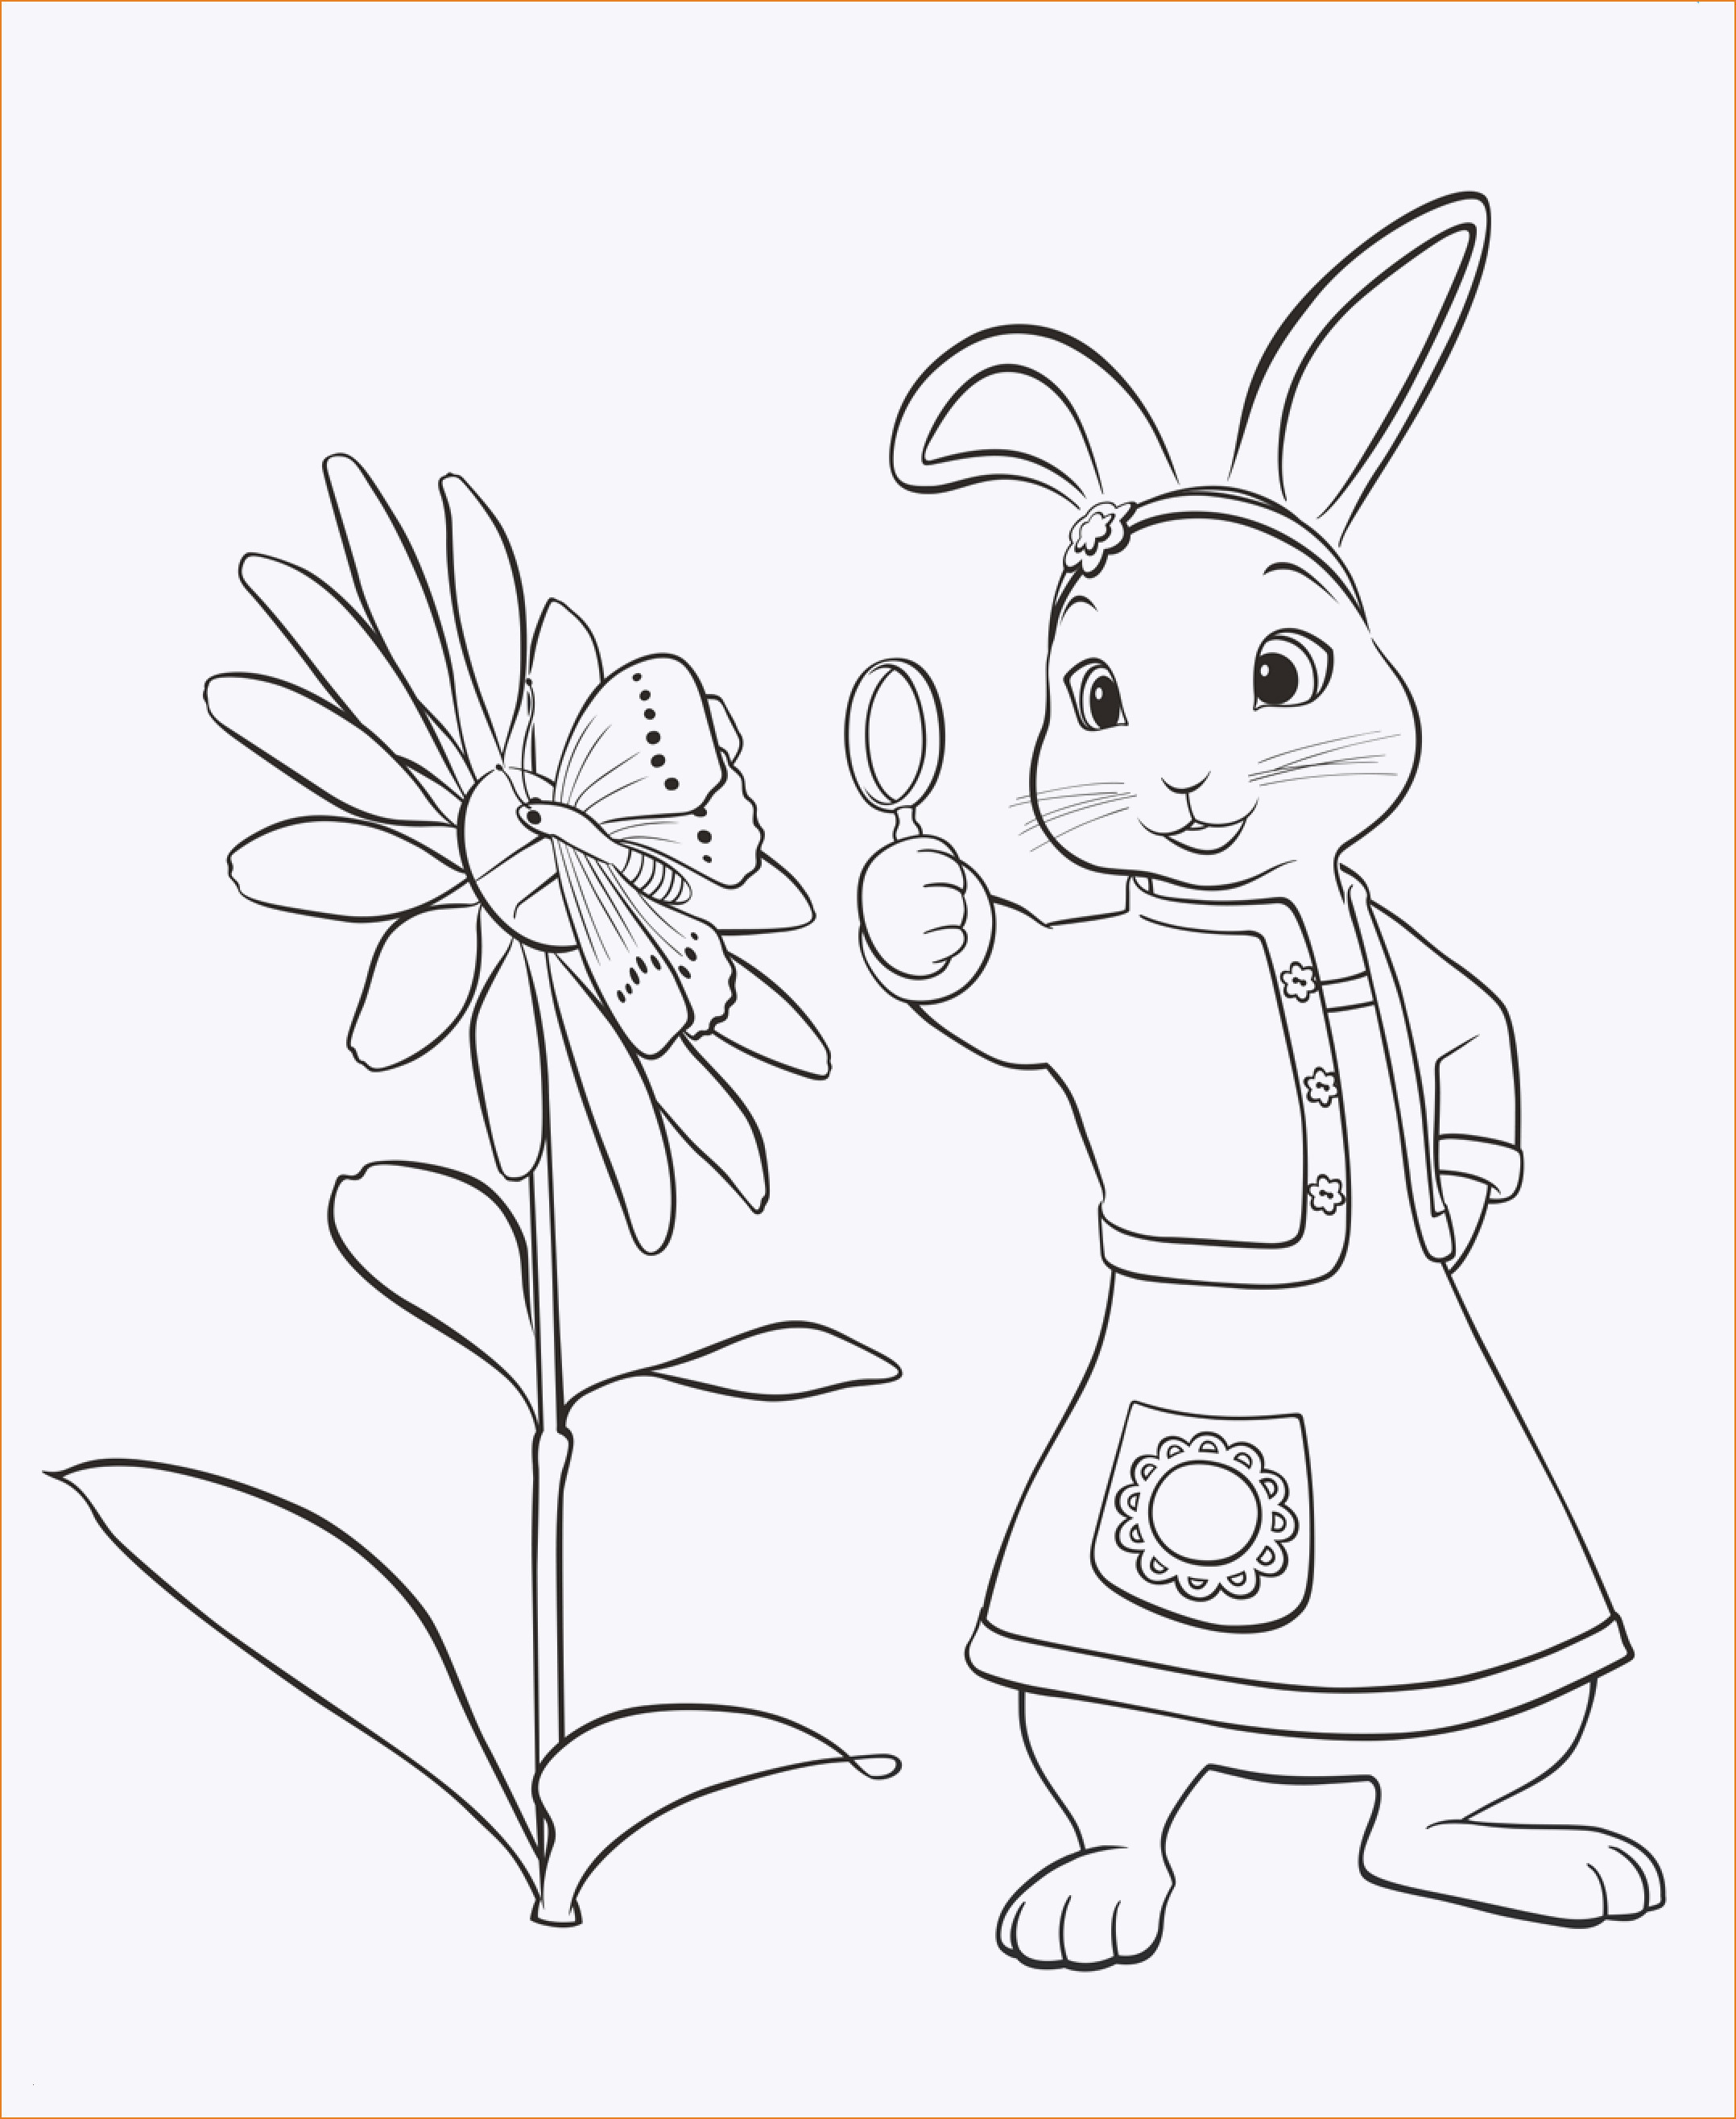 Malvorlagen Winnie Pooh Das Beste Von 40 Elegant Kostenlose Malvorlagen Ostern Mickeycarrollmunchkin Das Bild